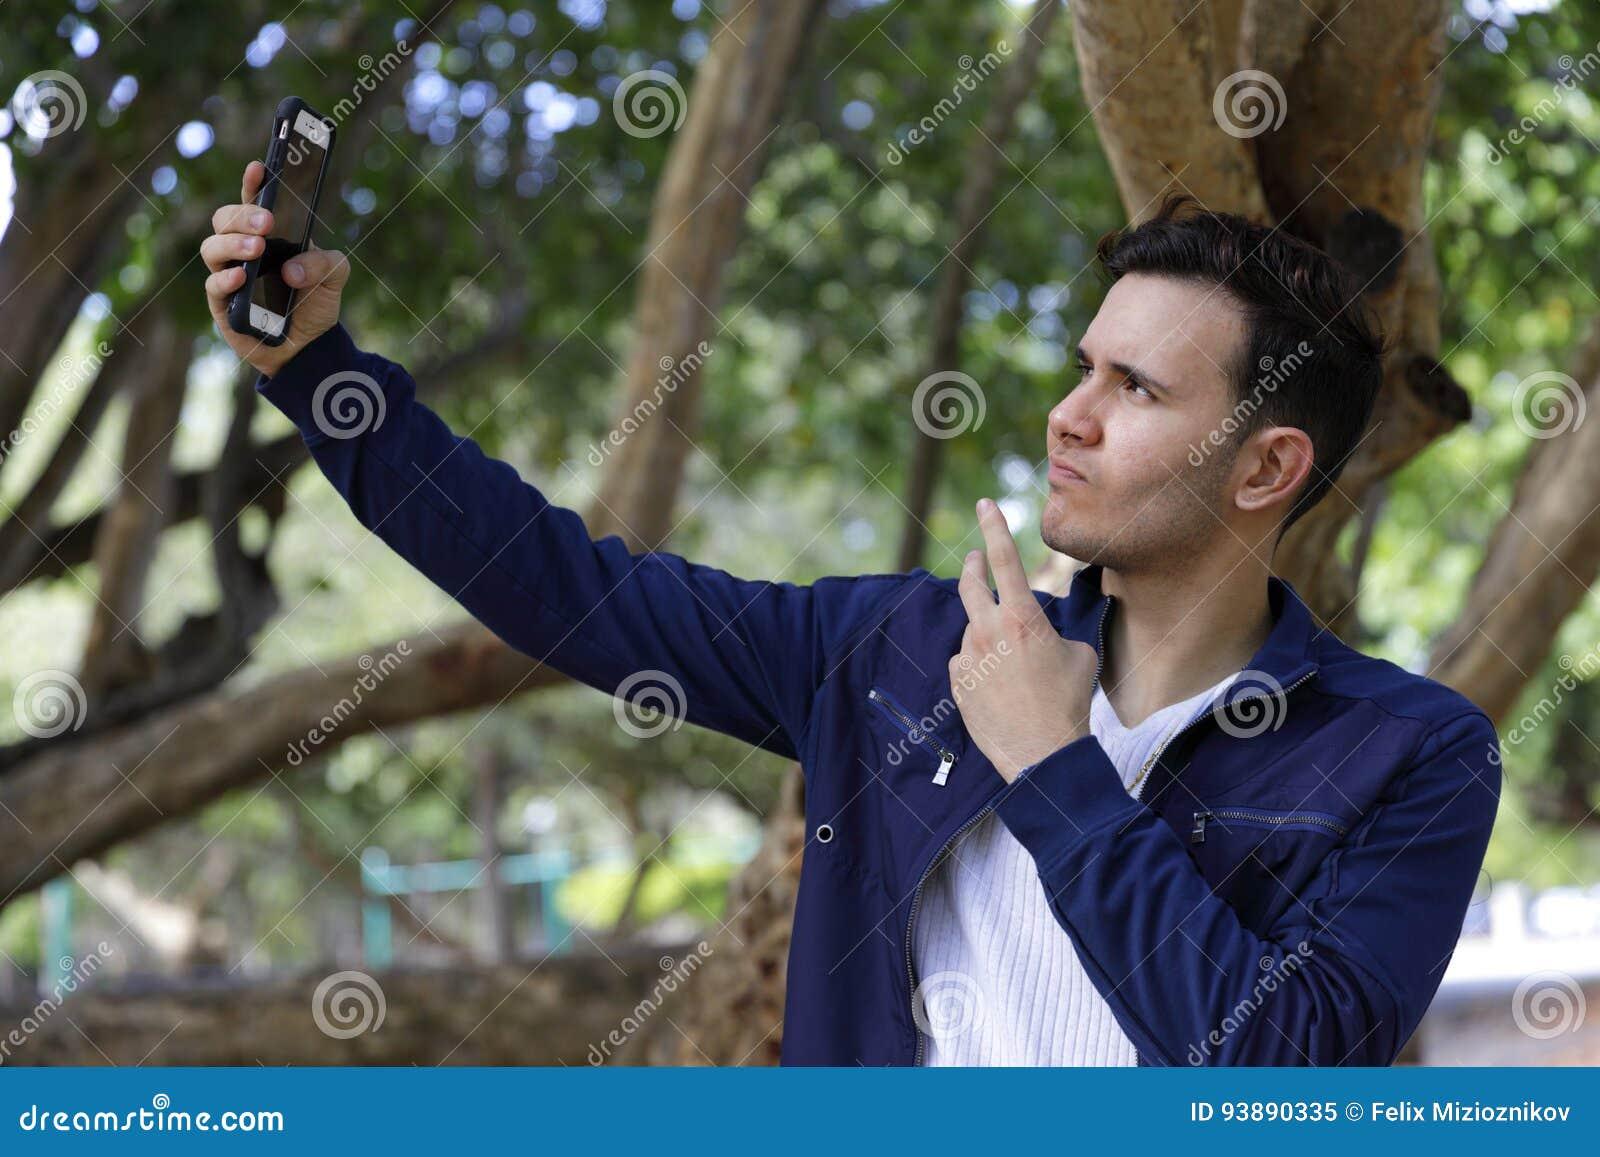 Male selfie poses